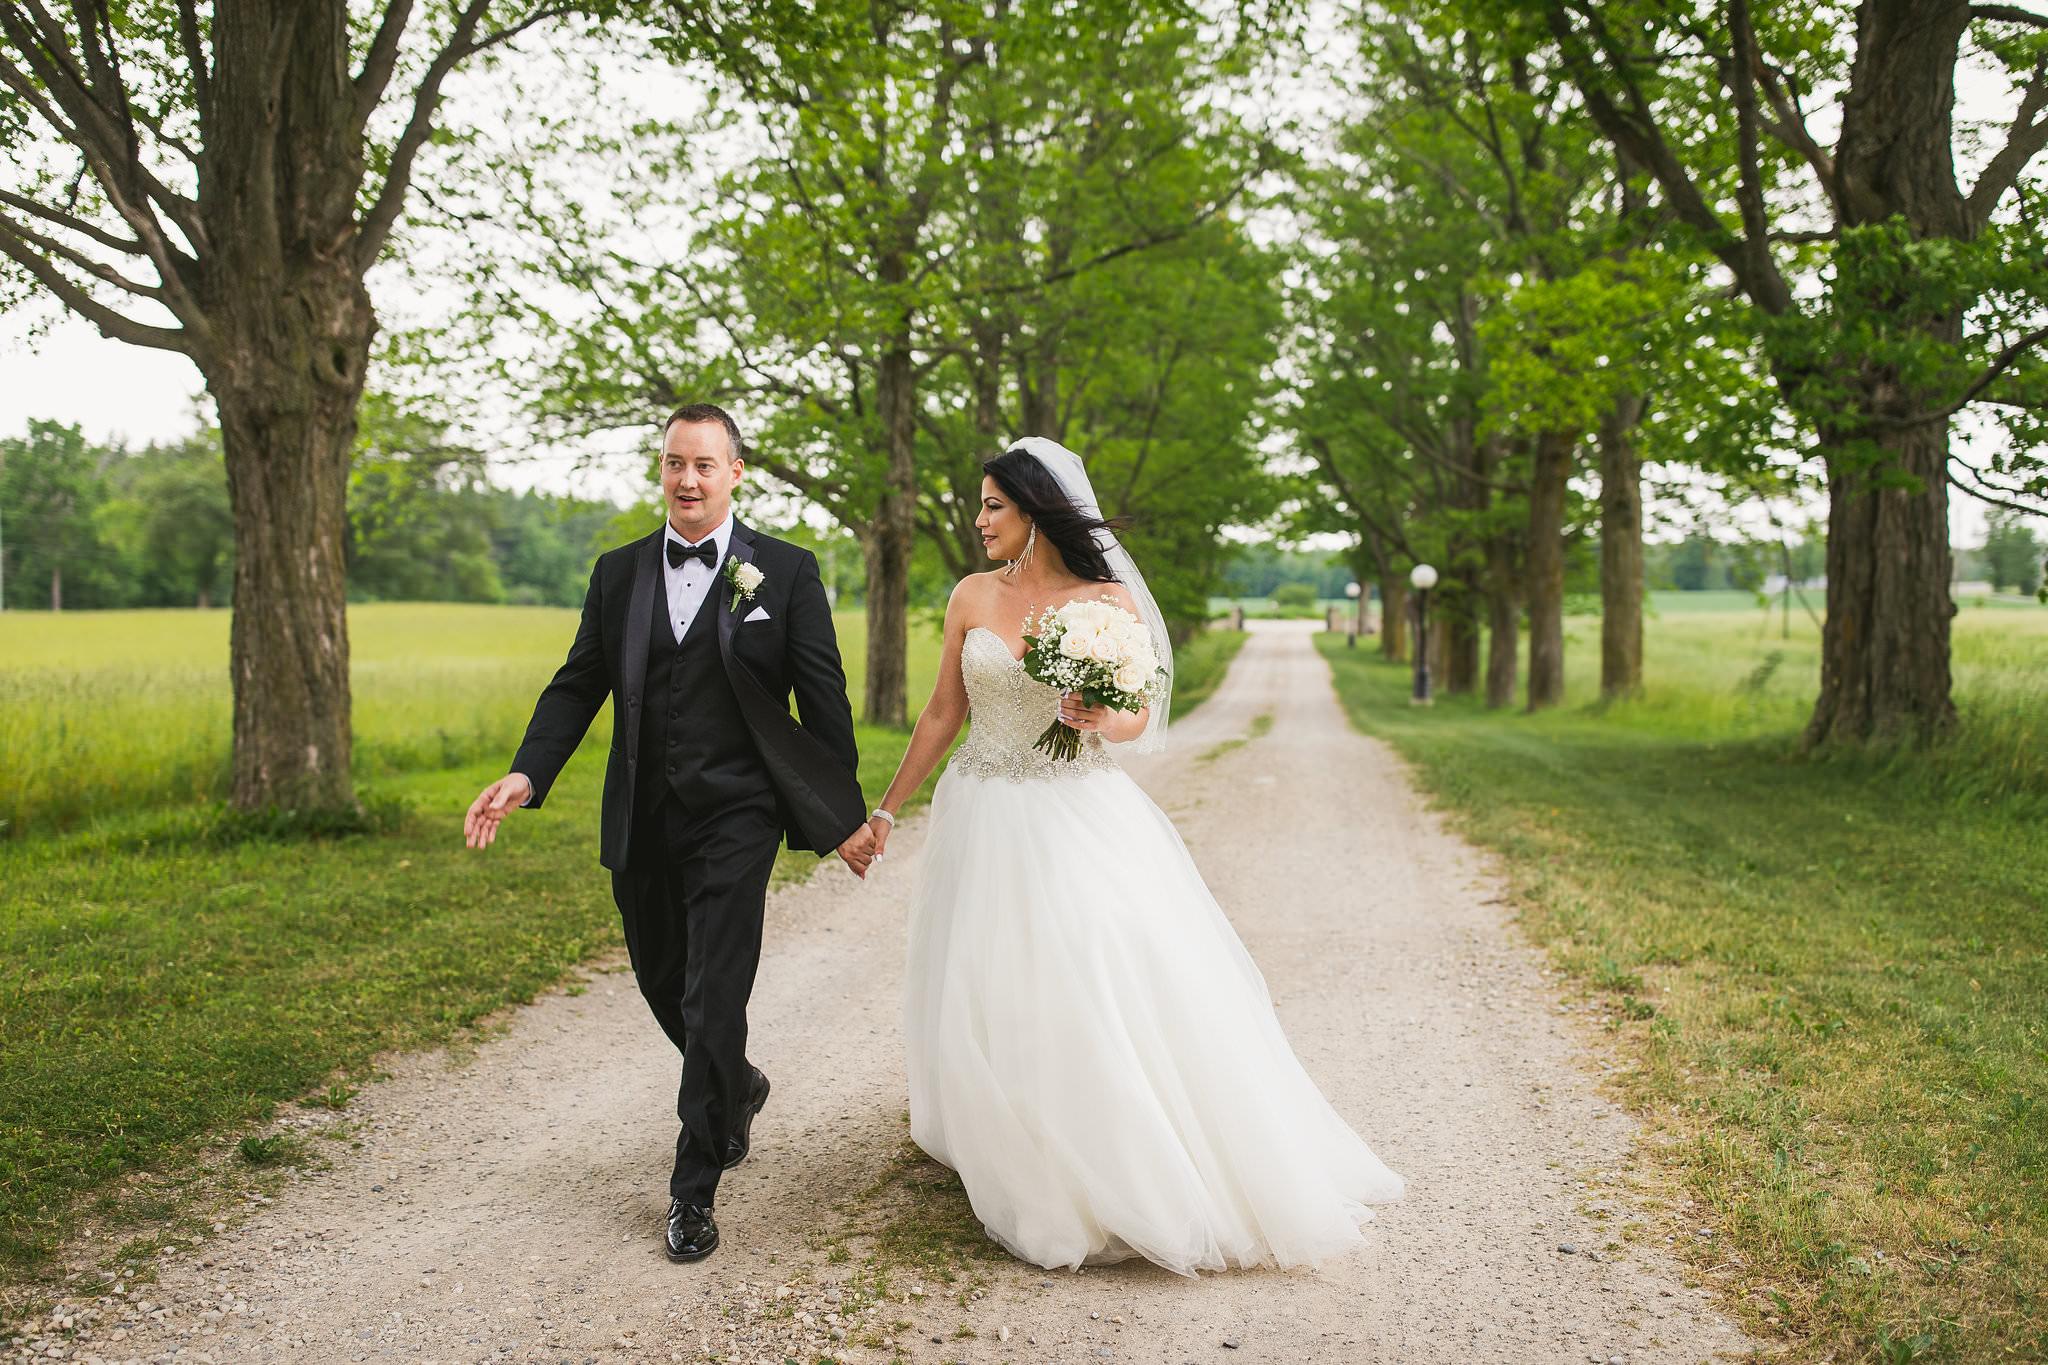 puslinch barn wedding